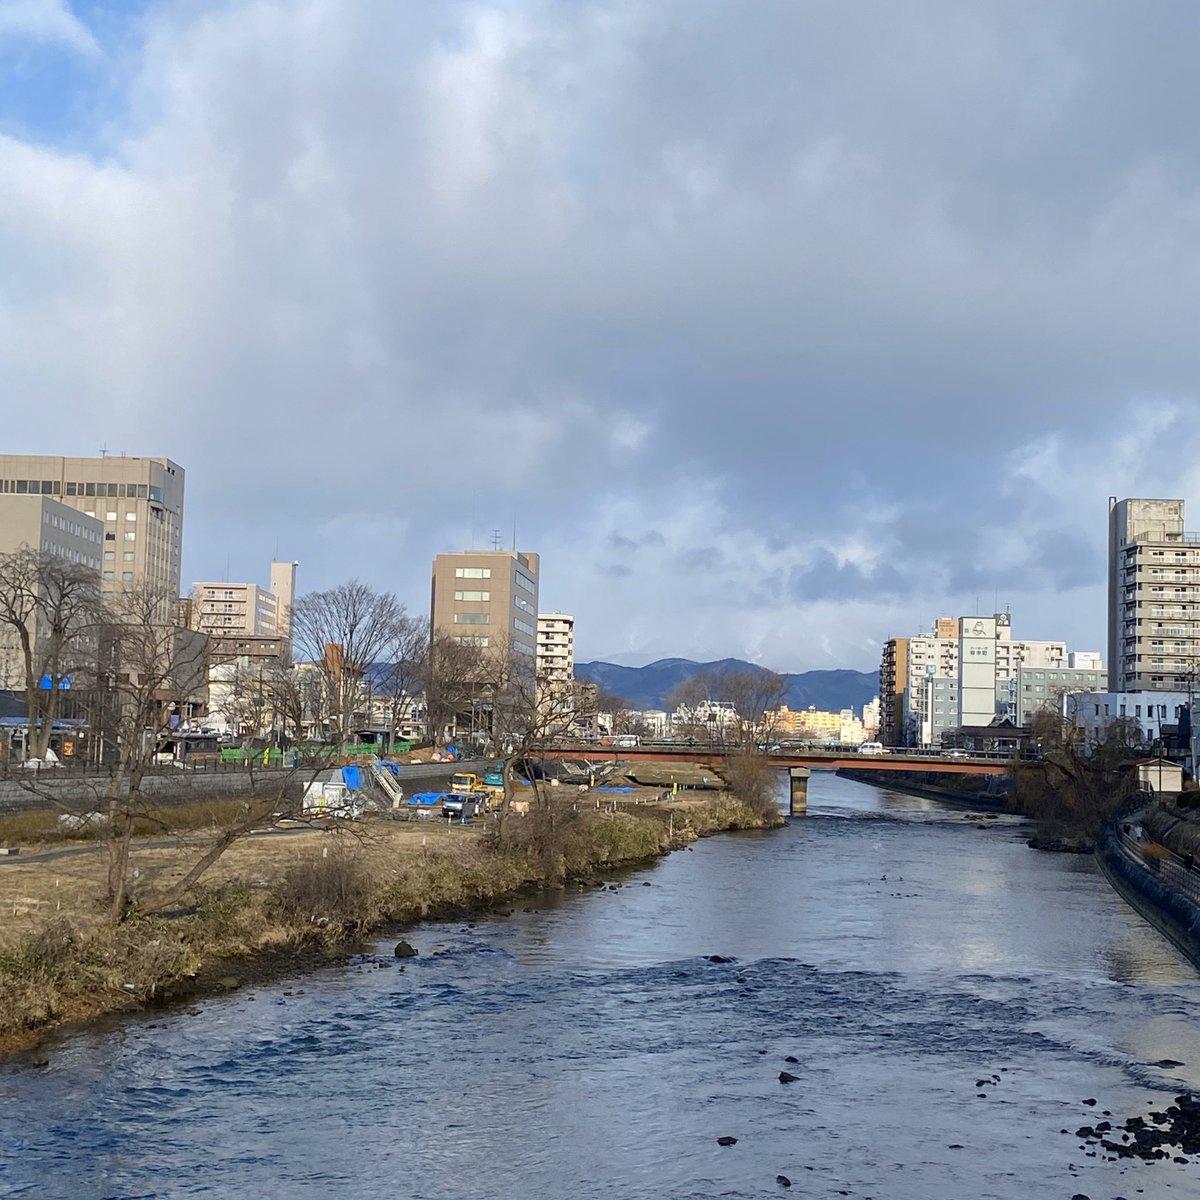 2020/01/31 盛岡市の開運橋から撮影。みなさま、体調管理に気をつけてお過ごしください。 #岩手 #盛岡 #北上川 #岩手においでよ